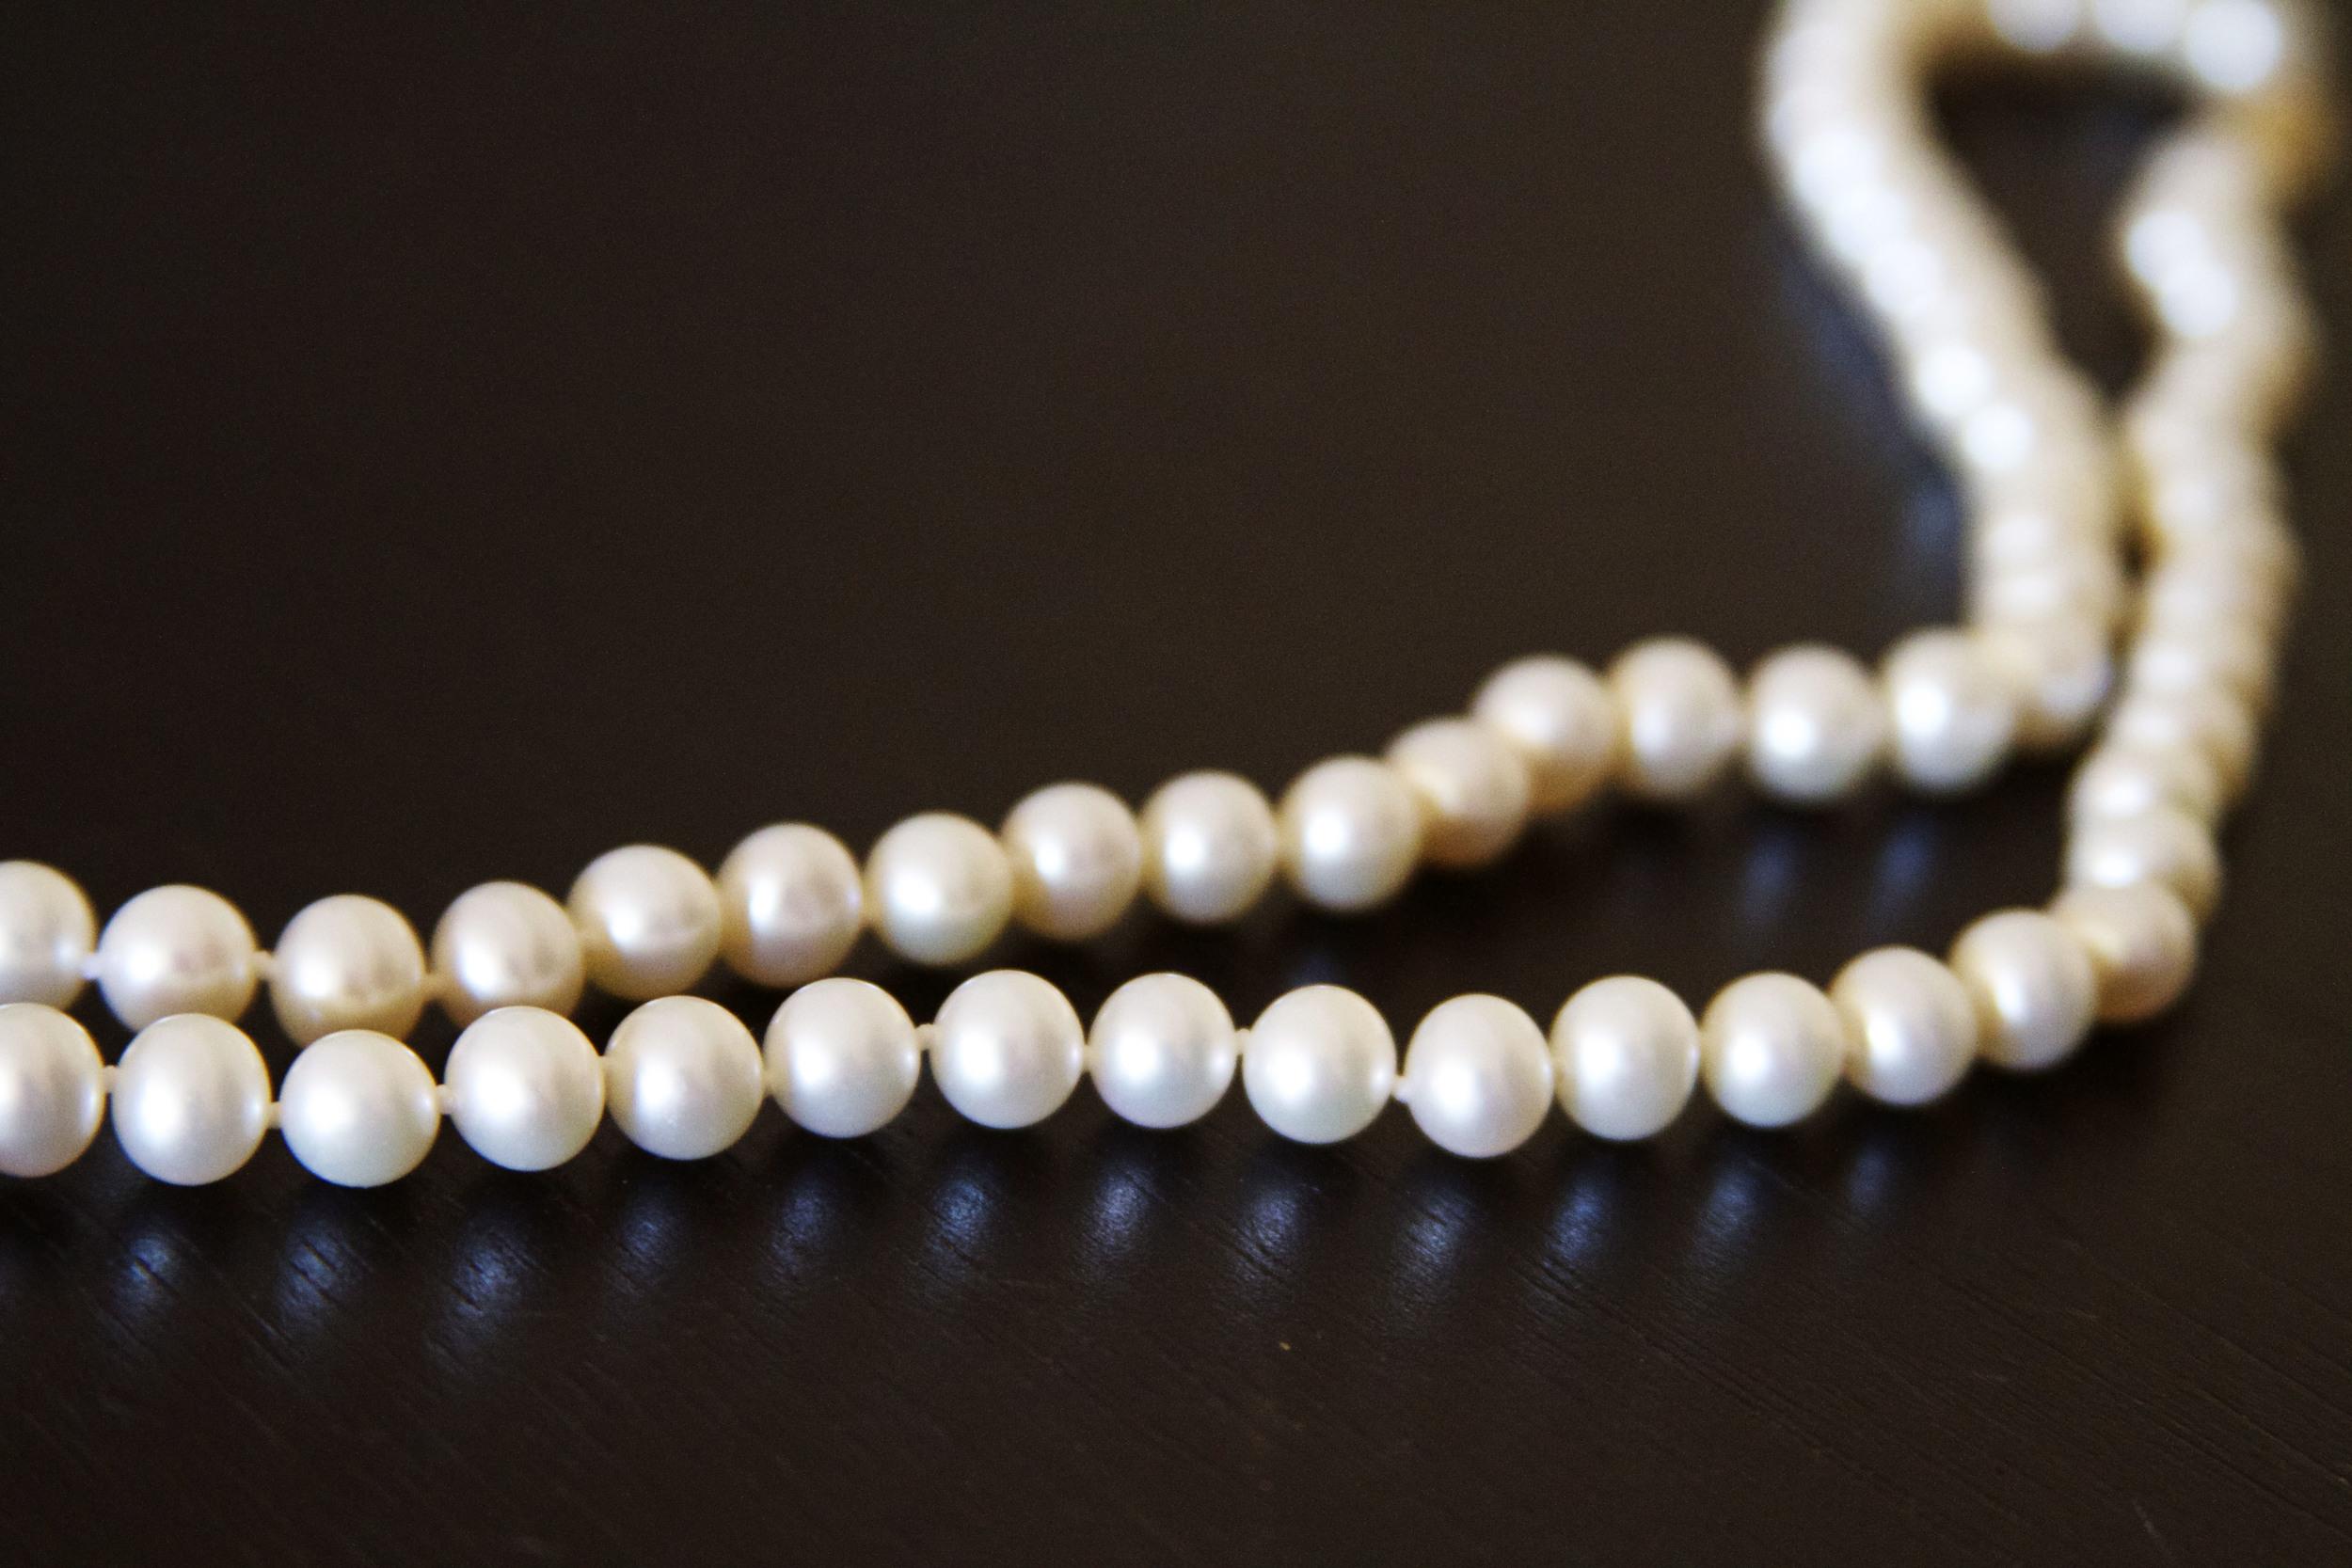 16 pearls.jpg